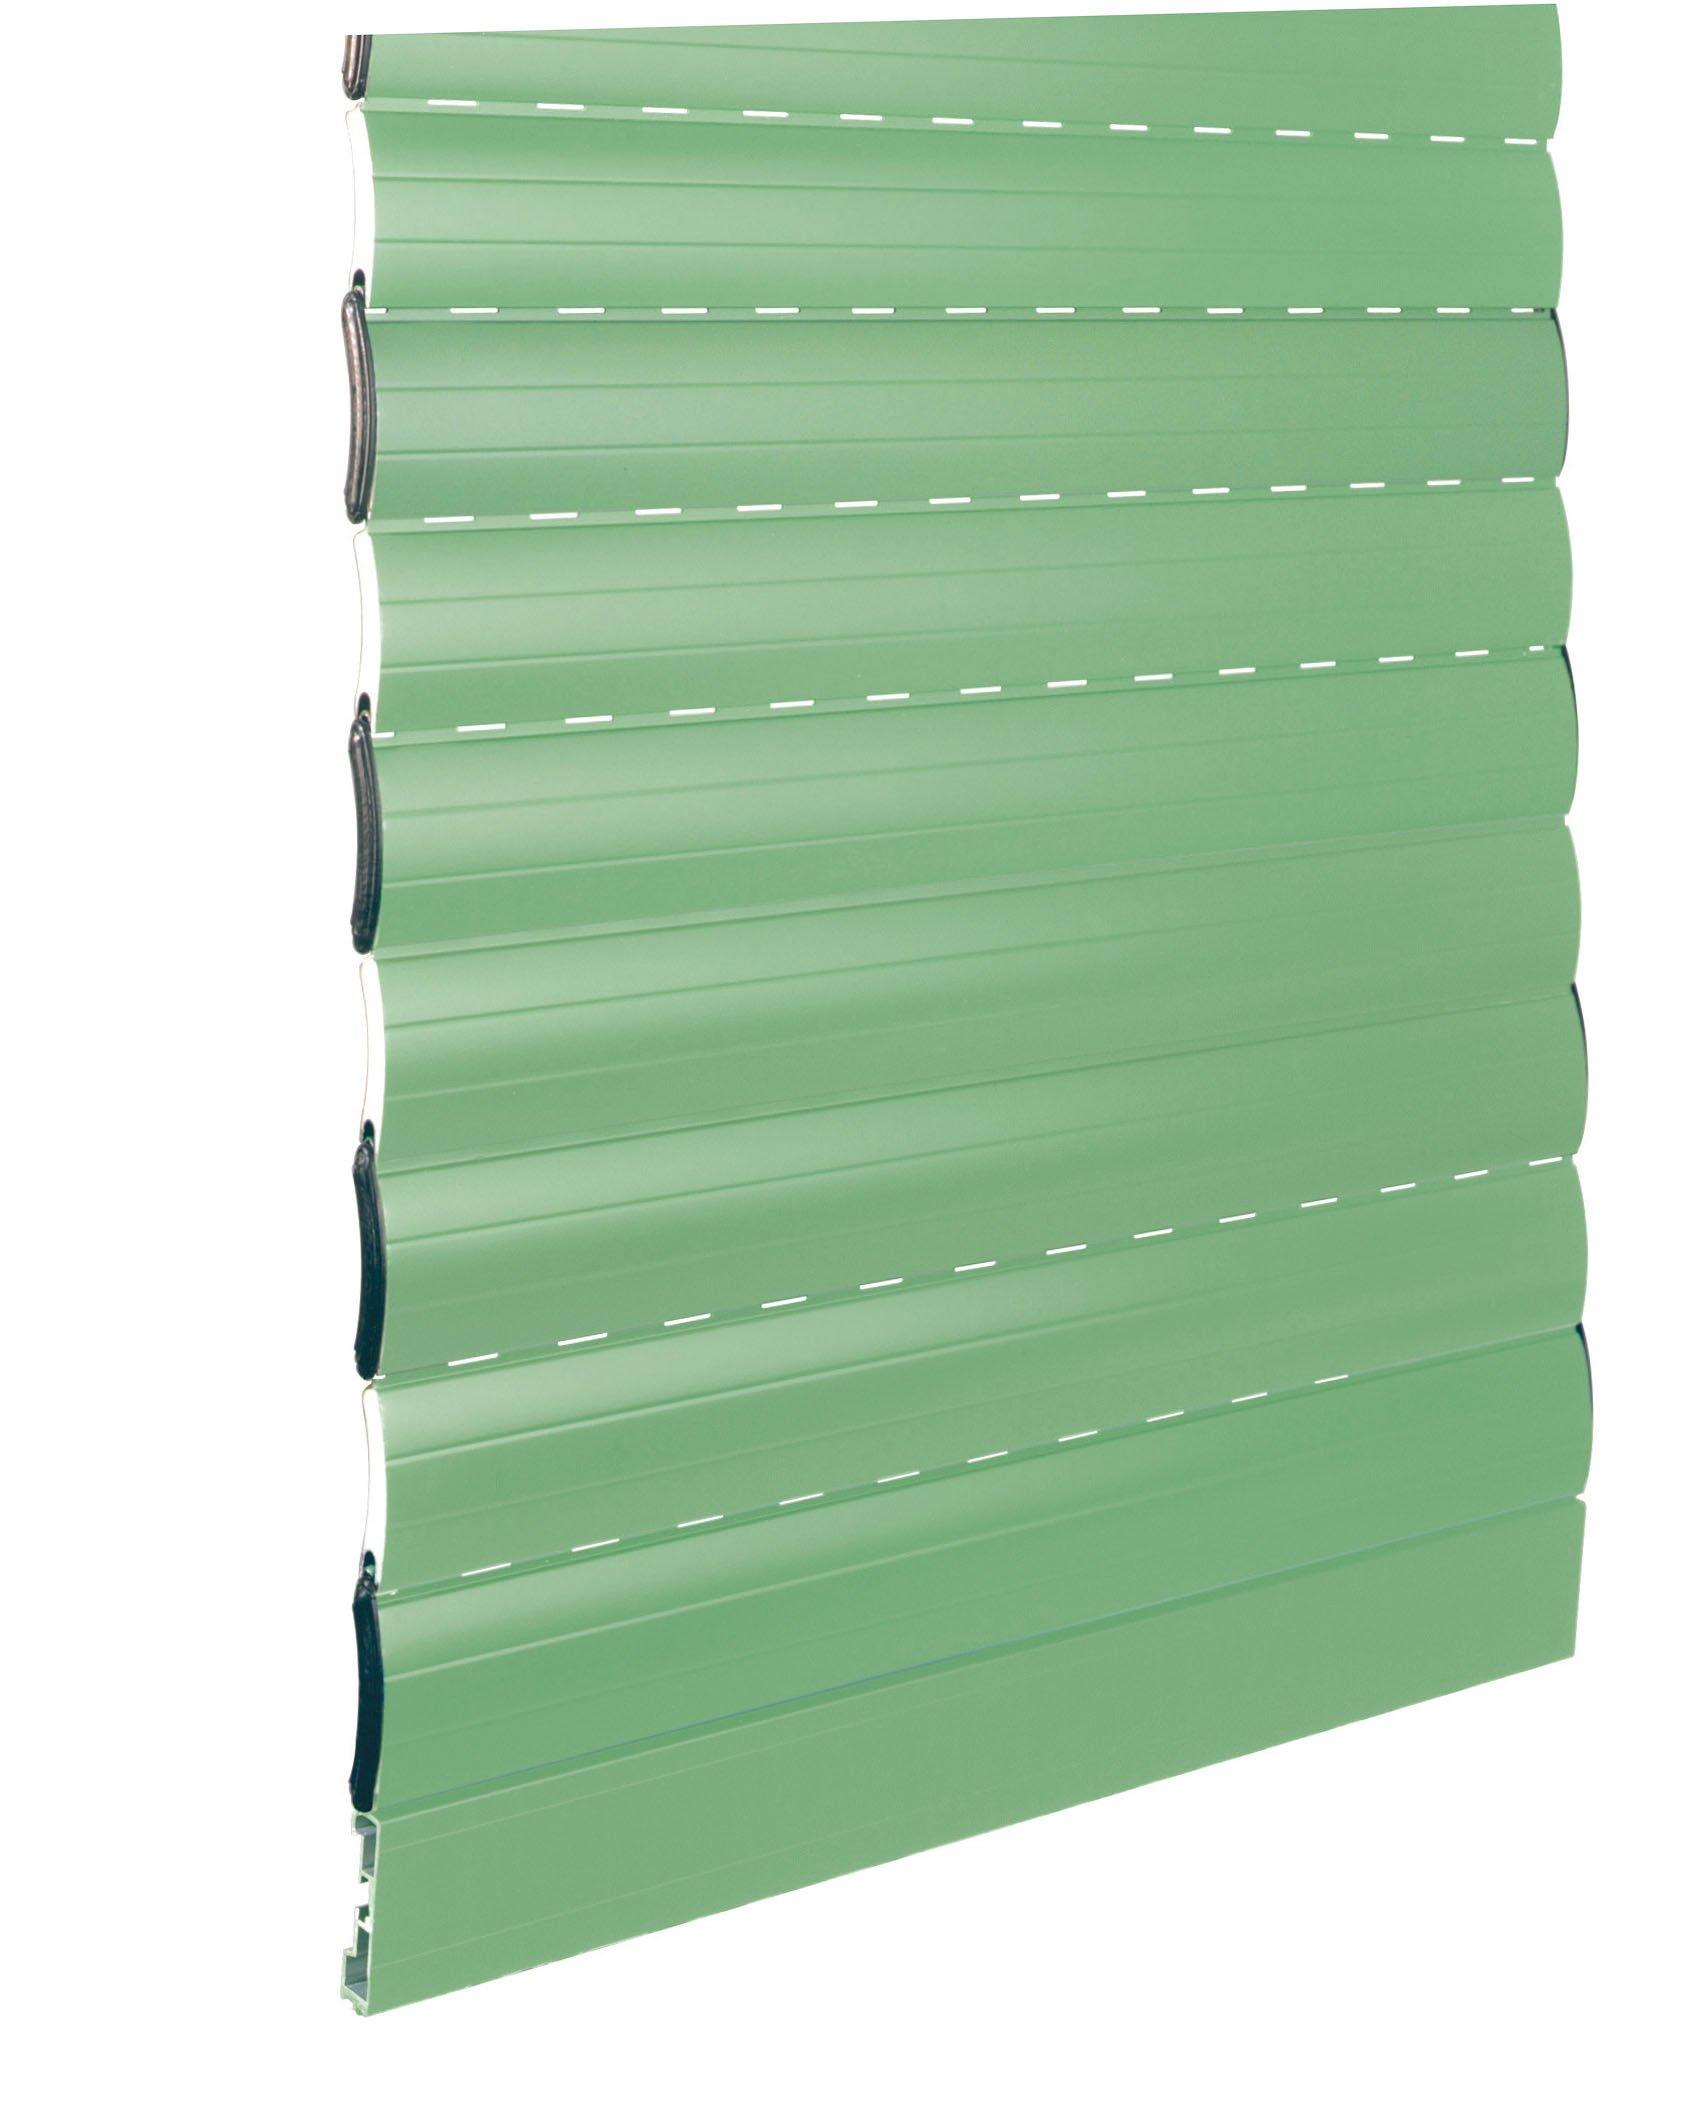 tapparella blindata avvolgibile verde